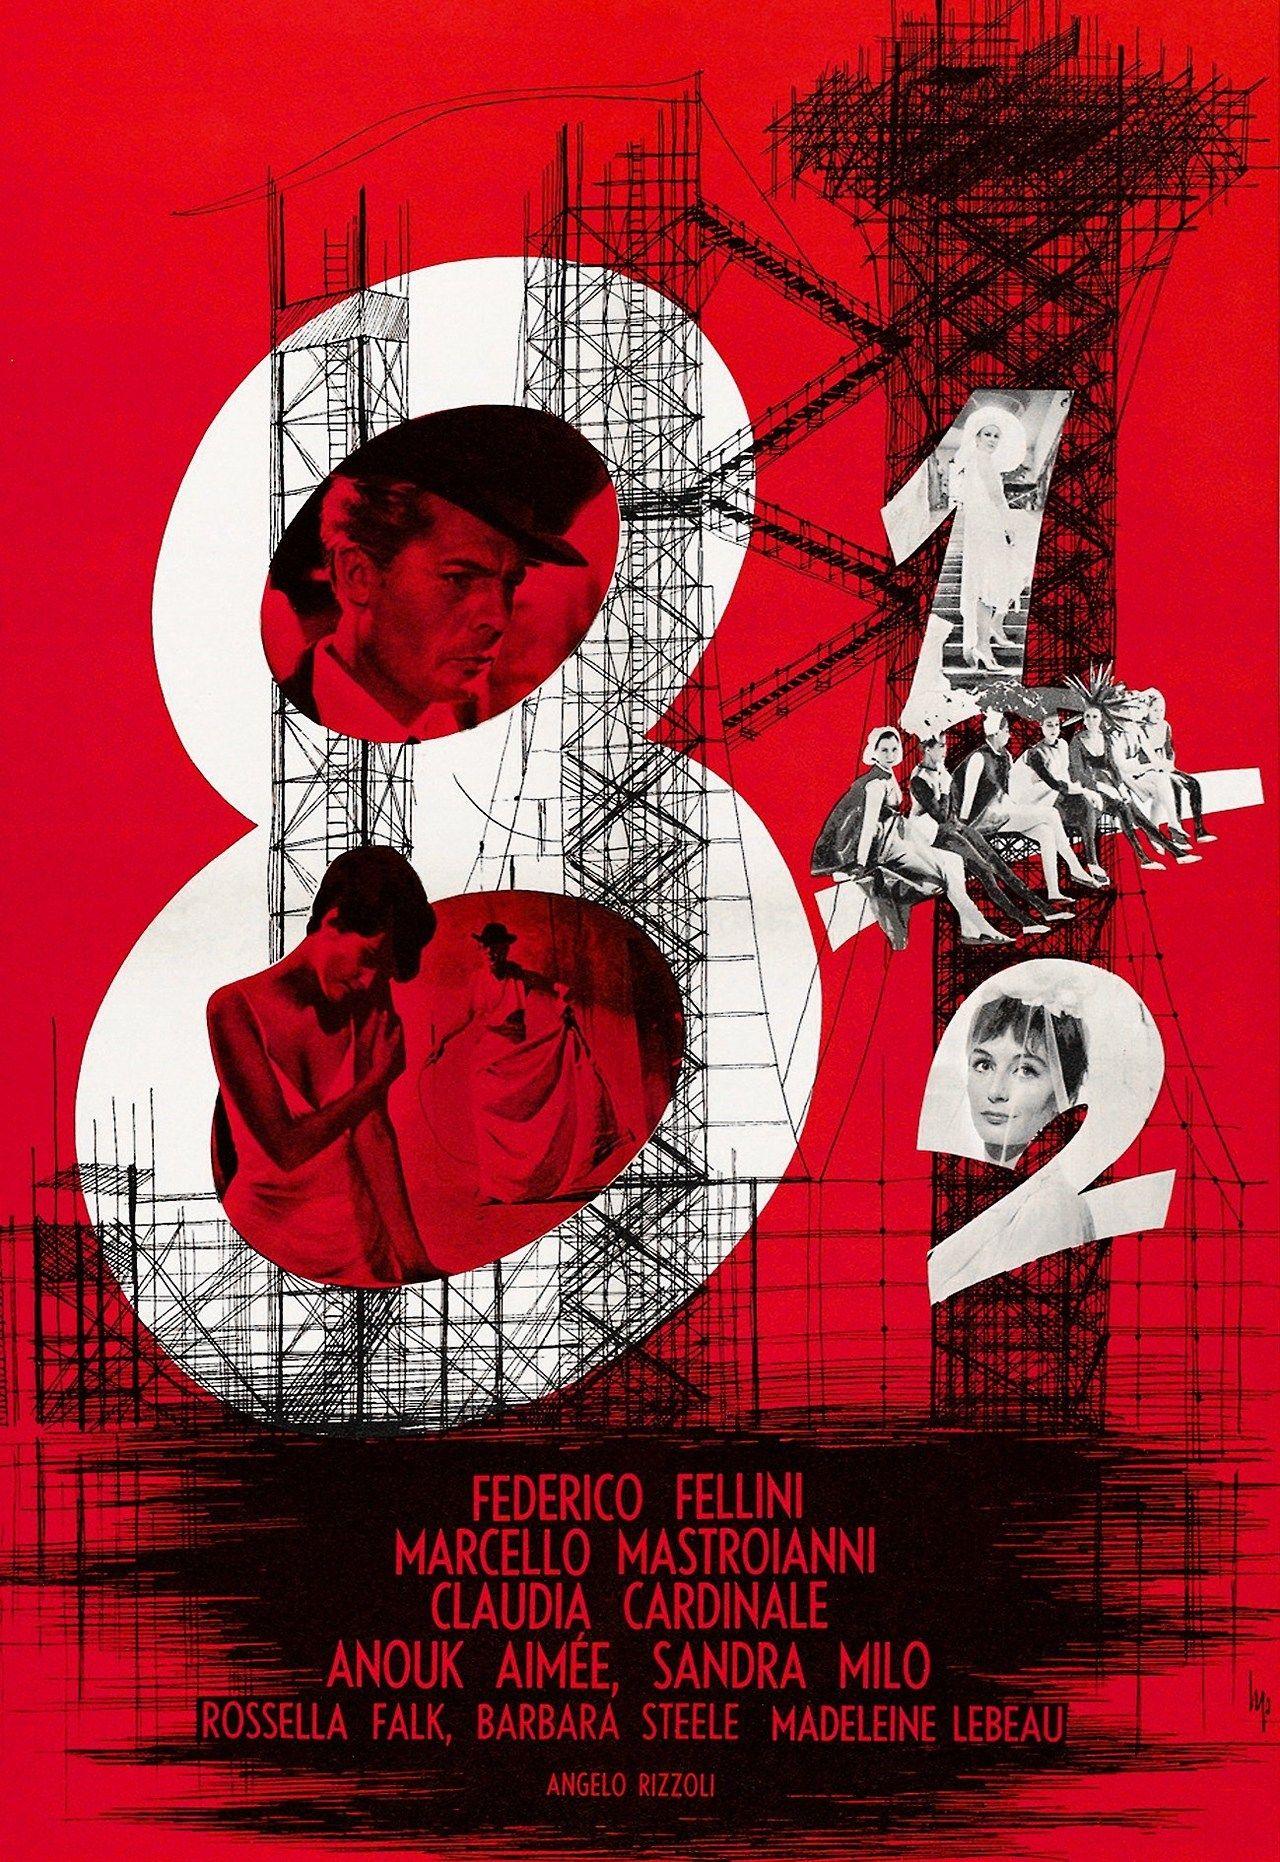 8 1 2 Federico Fellini Movie Posters Vintage Movie Posters Vintage Movies